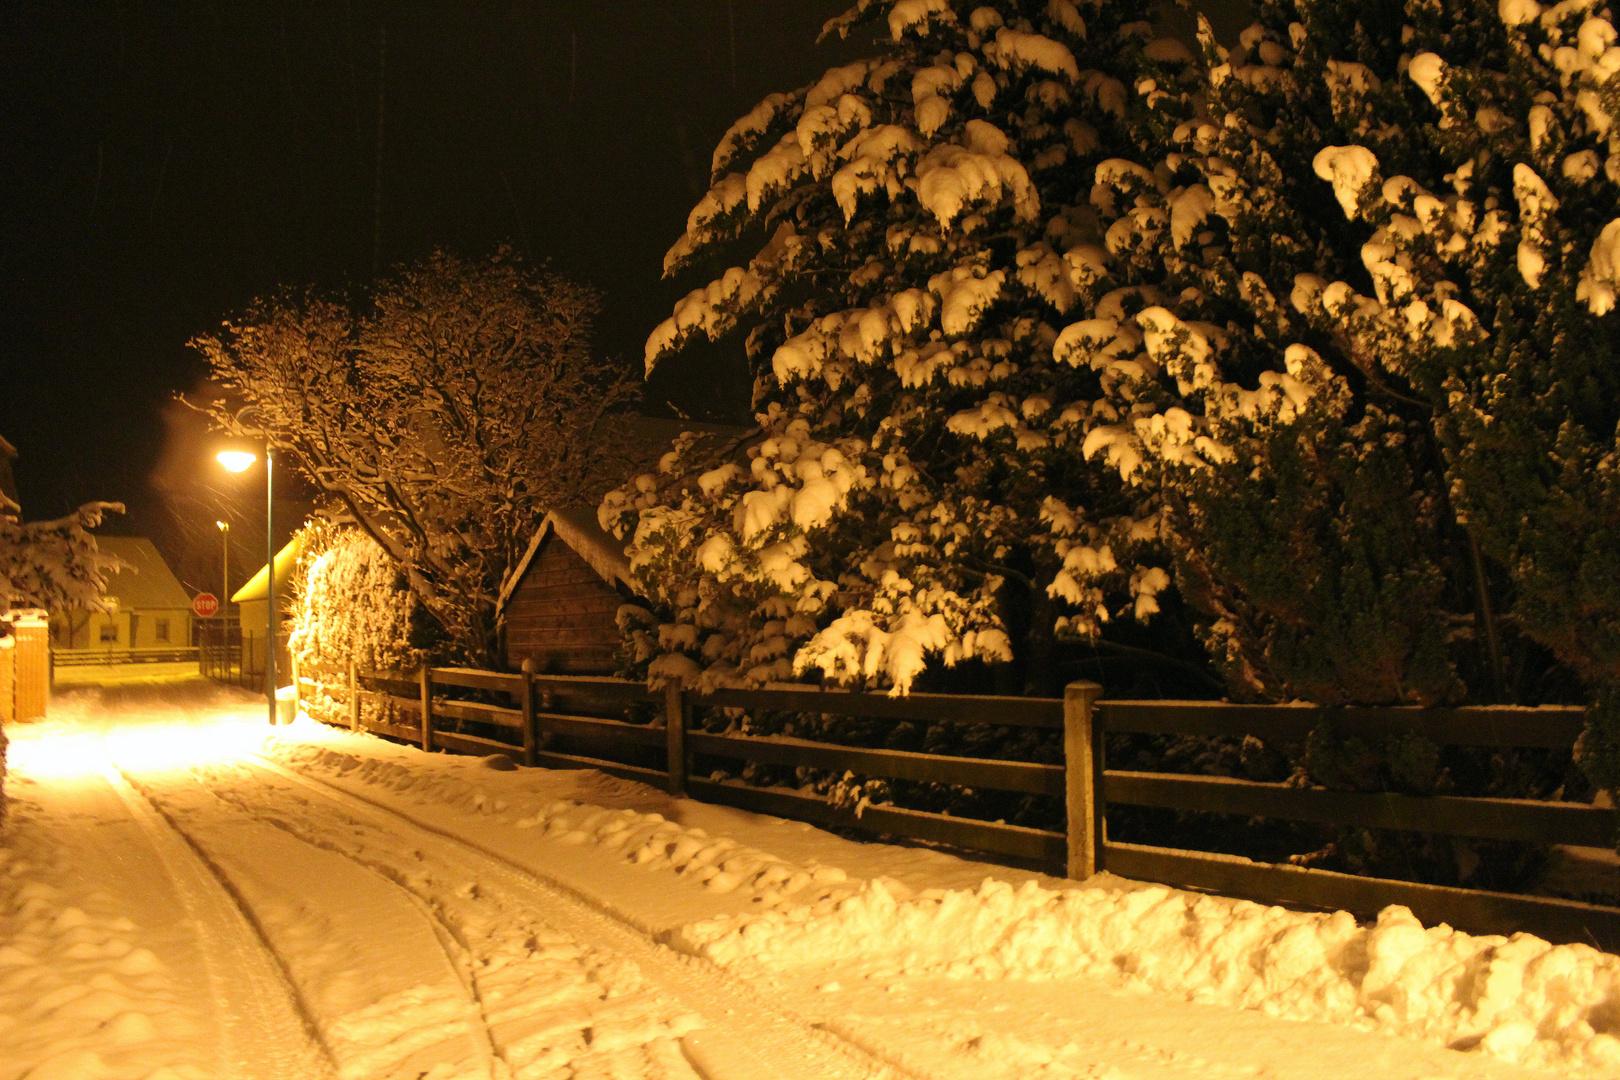 Winternacht in Baruth bei Bautzen